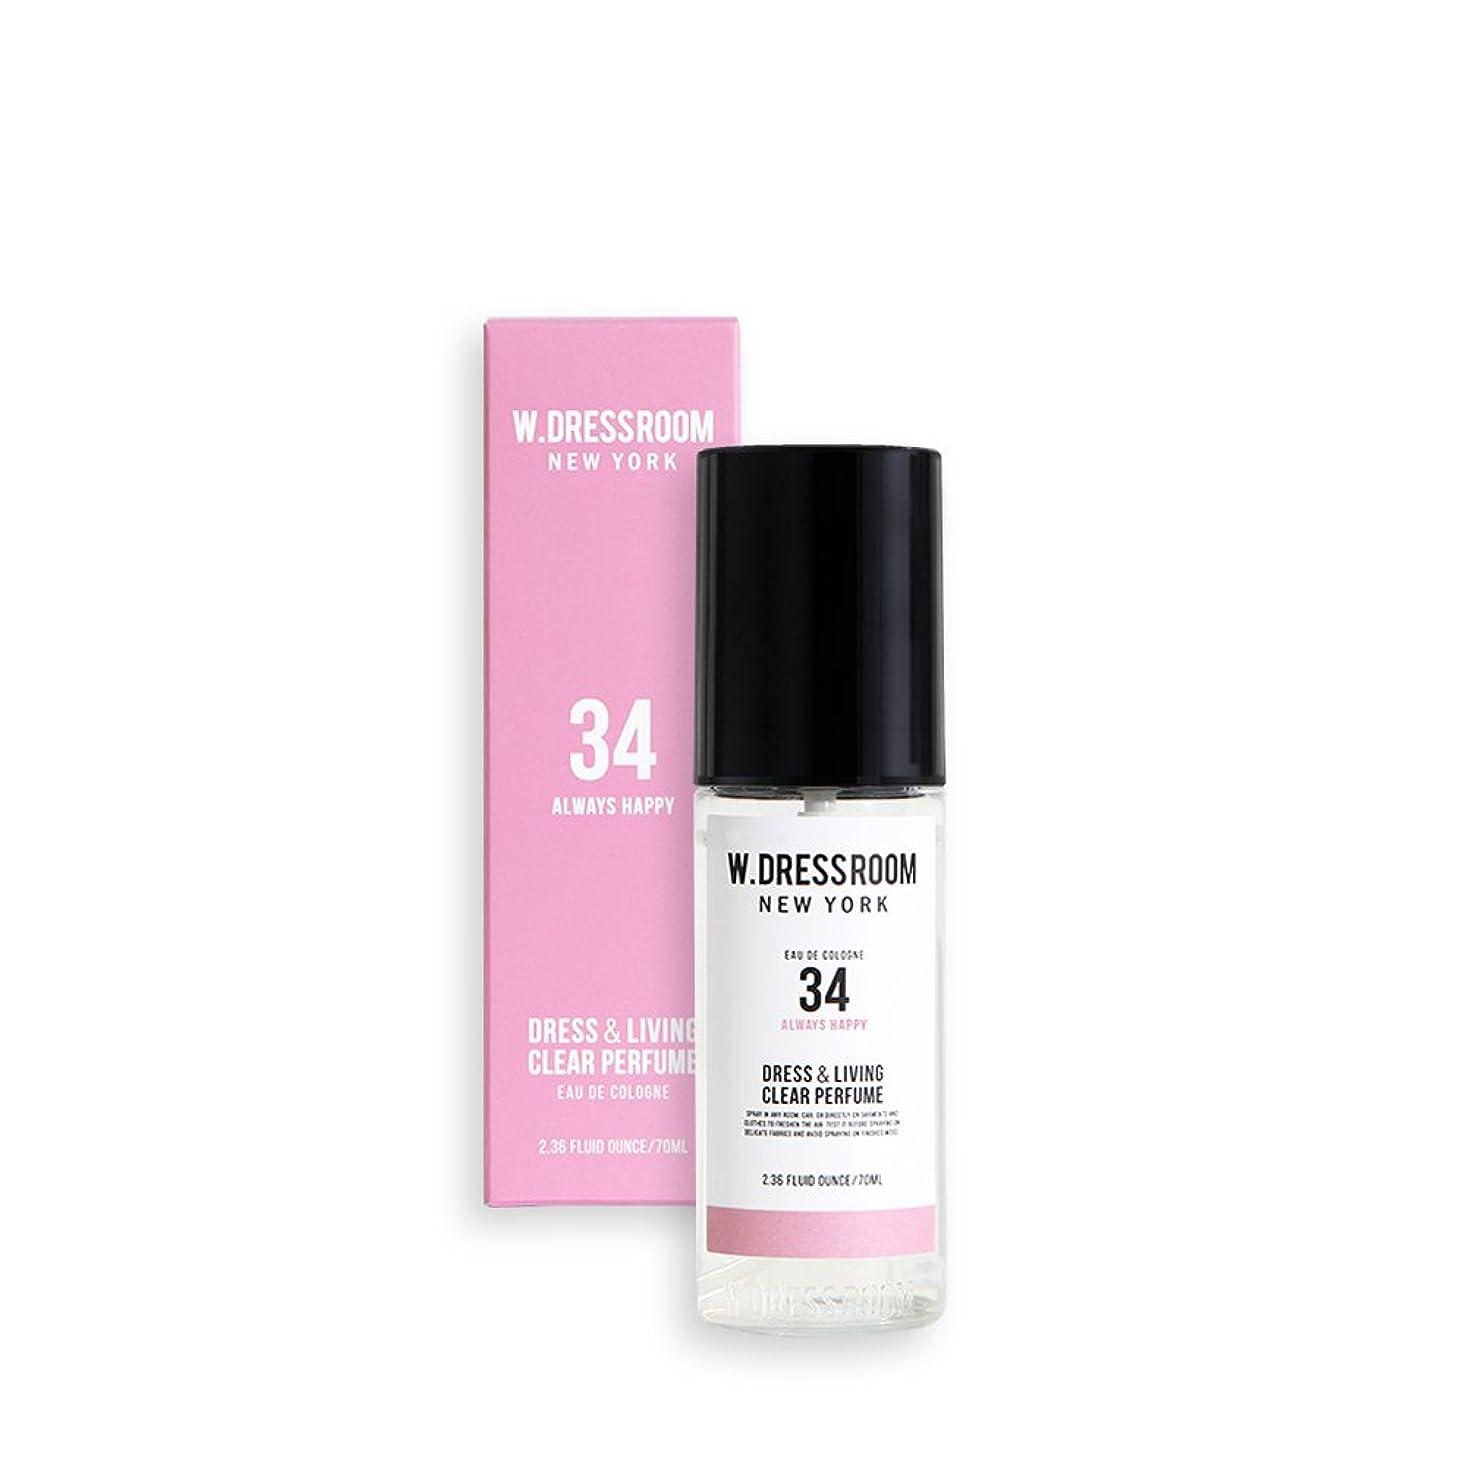 船酔いケイ素行進W.DRESSROOM Dress & Living Clear Perfume 70ml/ダブルドレスルーム ドレス&リビング クリア パフューム 70ml (#No.34 Always Happy) [並行輸入品]